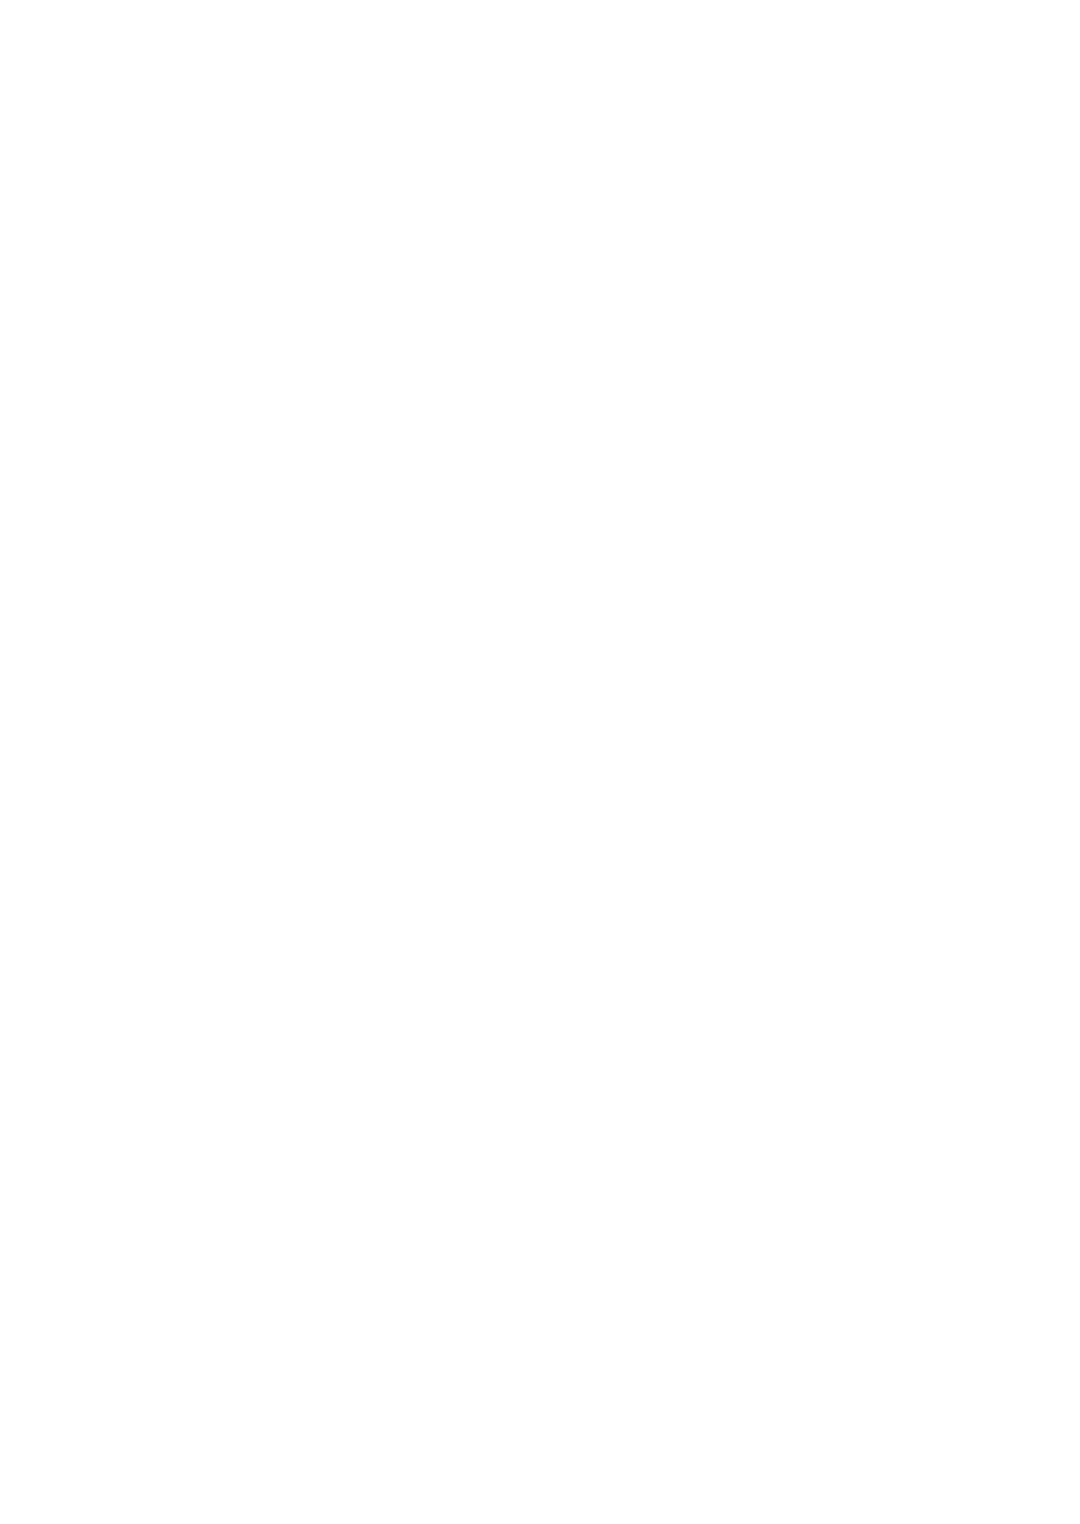 【エロ同人誌】放課後にホームレスに食事を配給するボランティアを行う巨乳JK…1人で居るところに倒れているホームレスの男性を見かけて肩を貸して家まで送ることに!奥まで入った途端に拘束され中出しレイプ!【ひっさつわざ (ひっさつくん):ホームレス村】